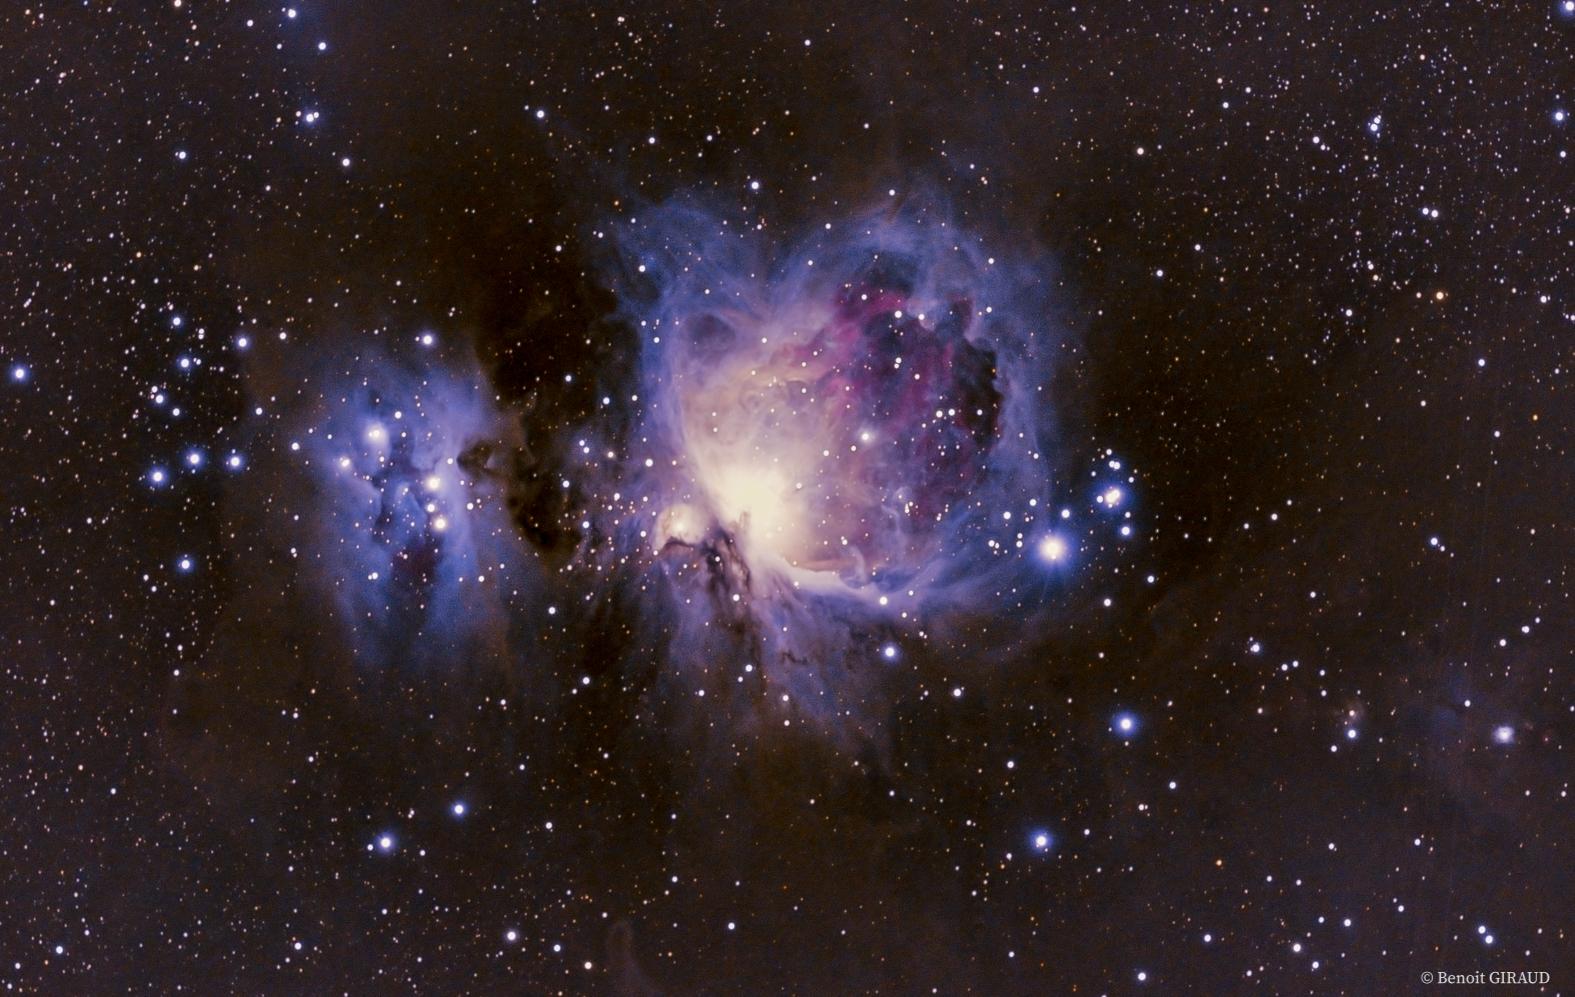 Nébuleuse d'Orion au télescope